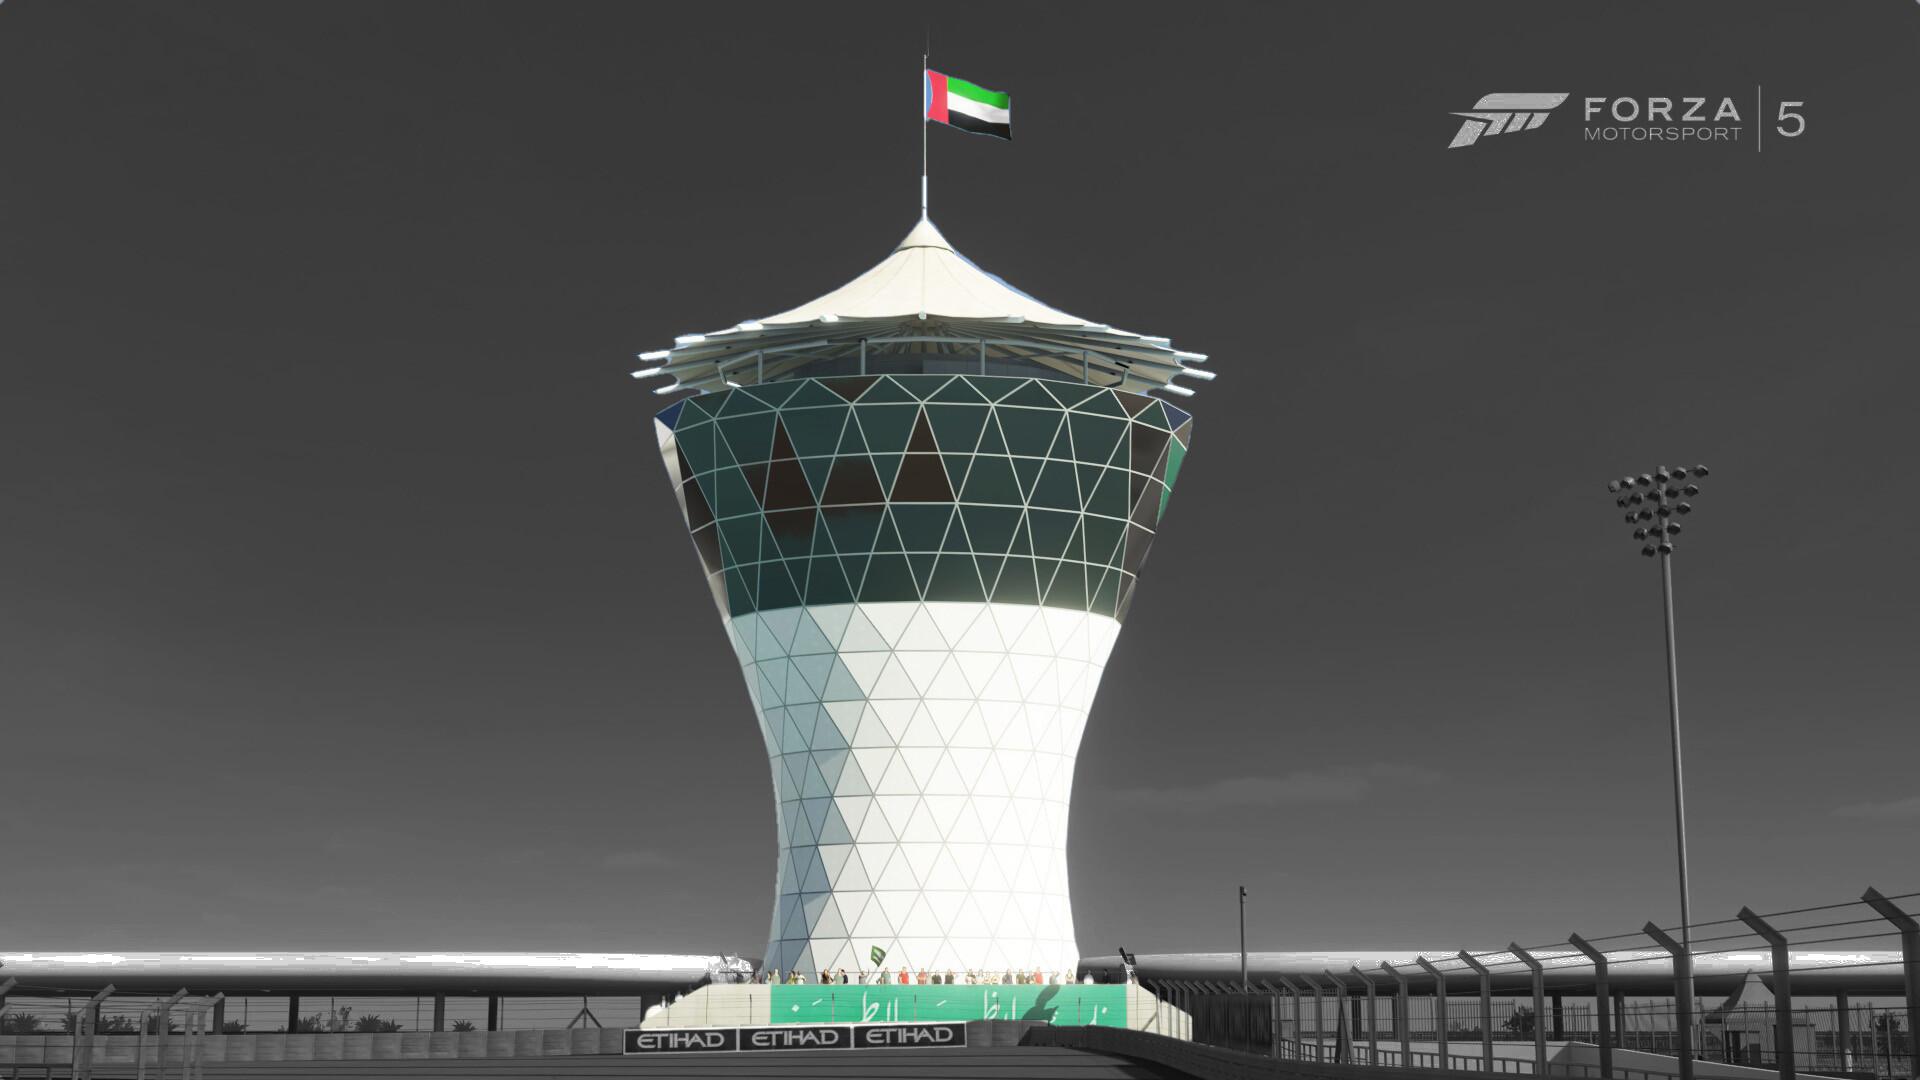 Forza 5 (2013) - Yas Marina, Royal Viewing Tower